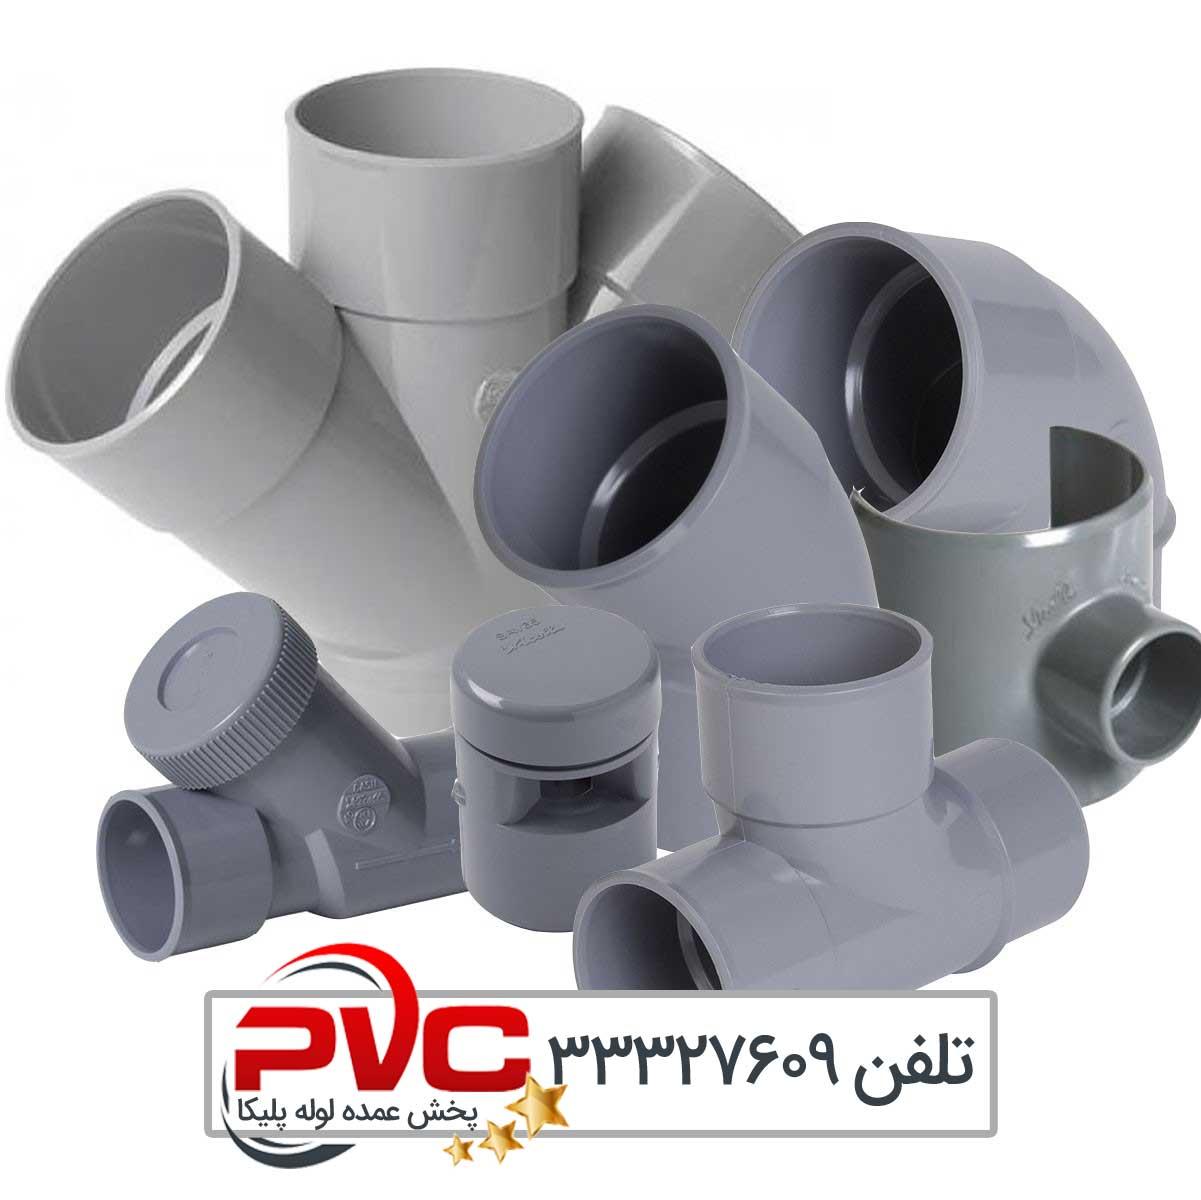 فروش اتصالات پلیکا pvc به قیمت کارخانه